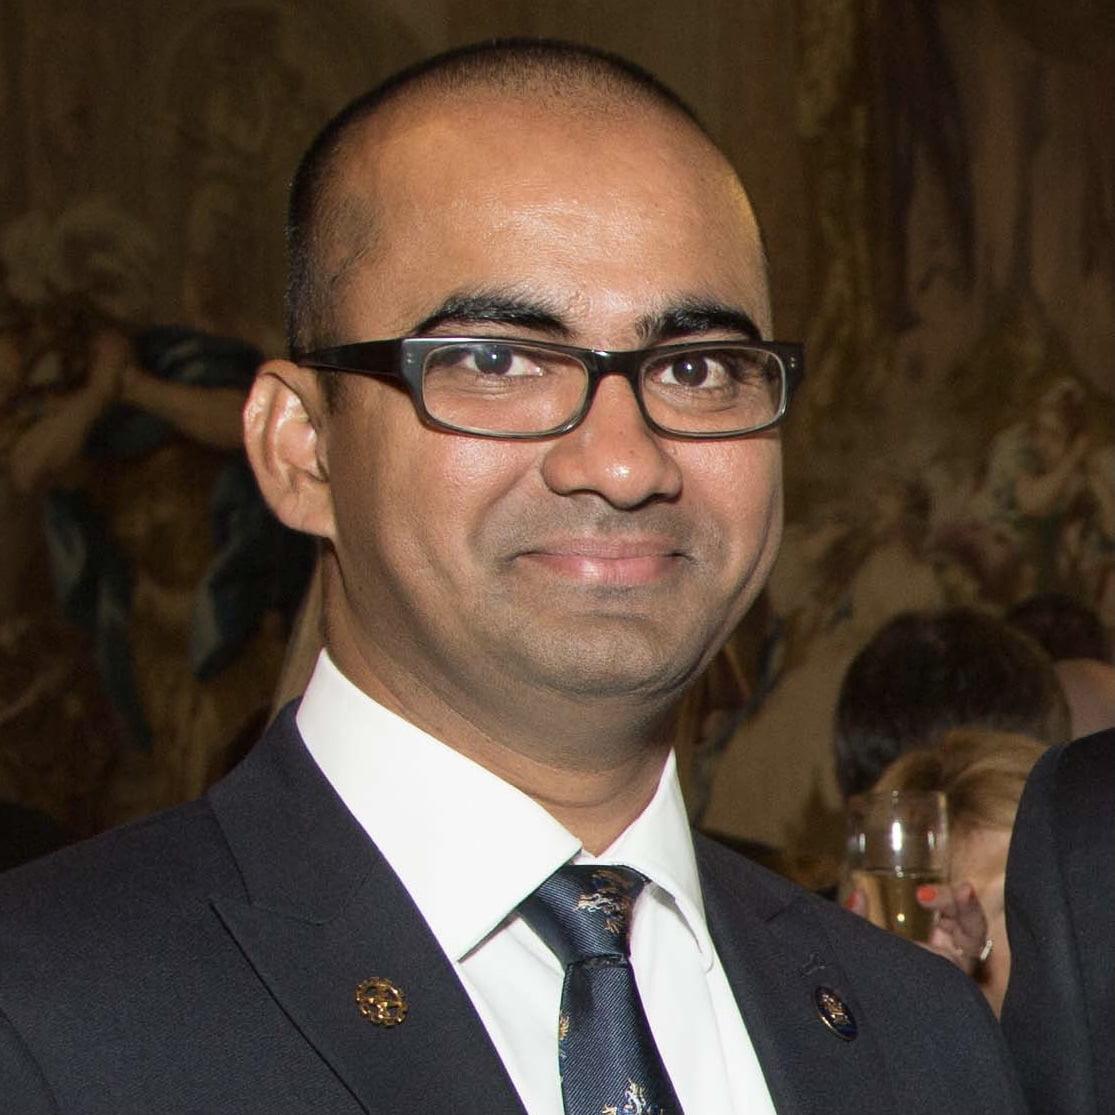 Josef Khan